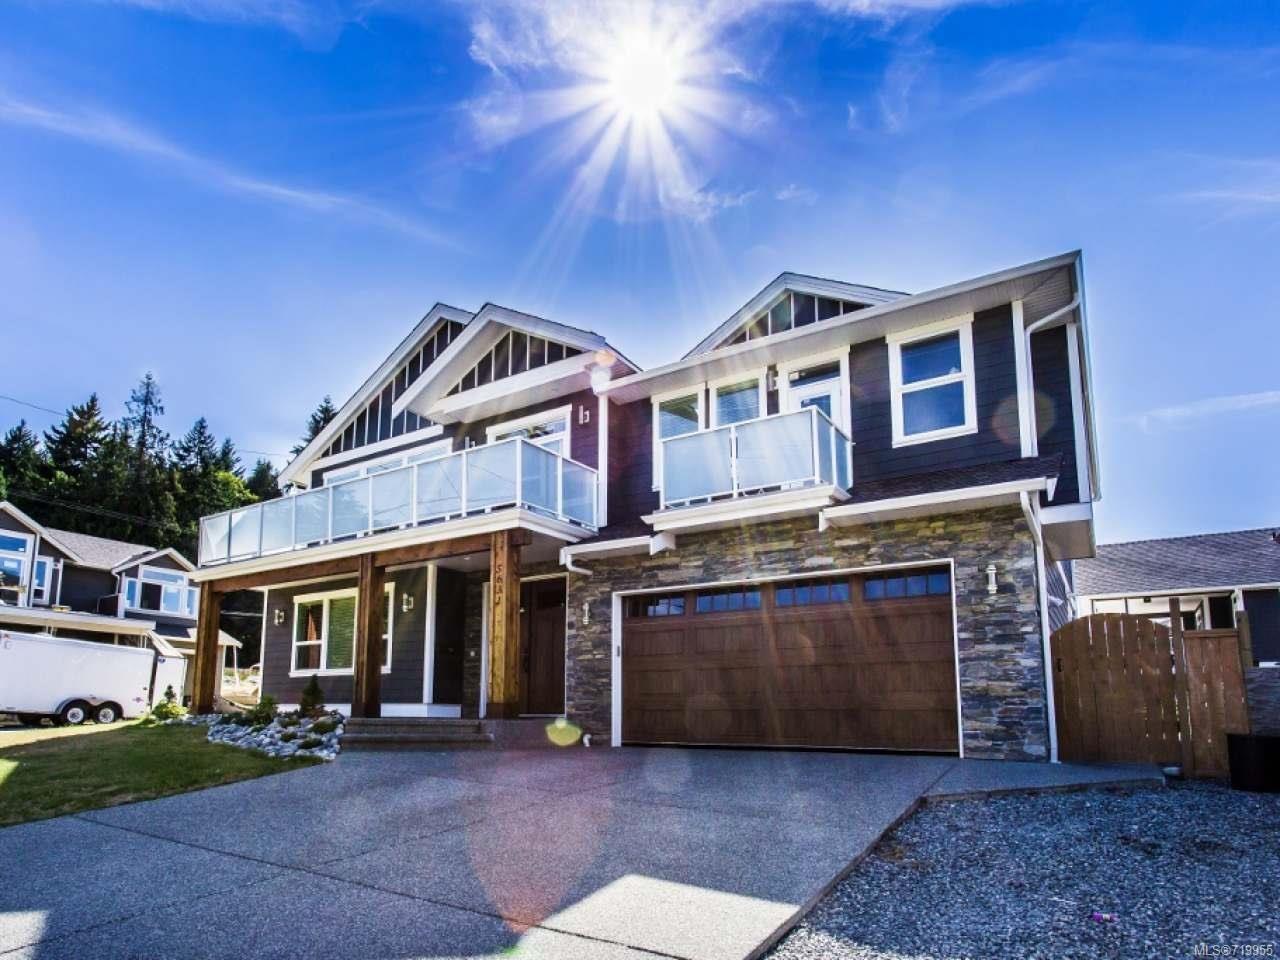 Main Photo: 5631 Norasea Rd in NANAIMO: Na North Nanaimo House for sale (Nanaimo)  : MLS®# 719955